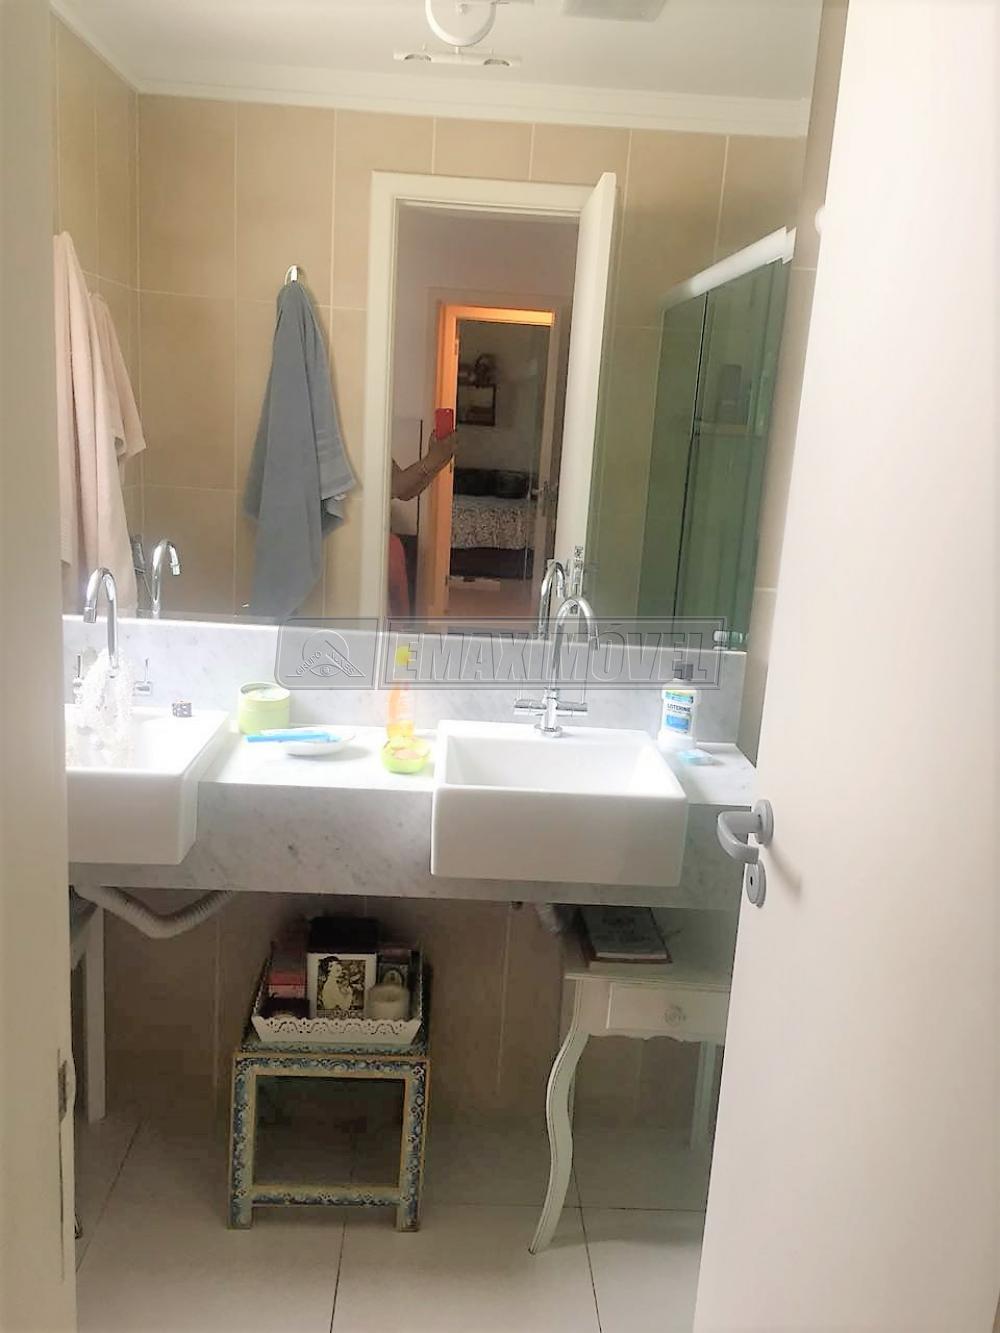 Comprar Apartamentos / Apto Padrão em Sorocaba apenas R$ 650.000,00 - Foto 10